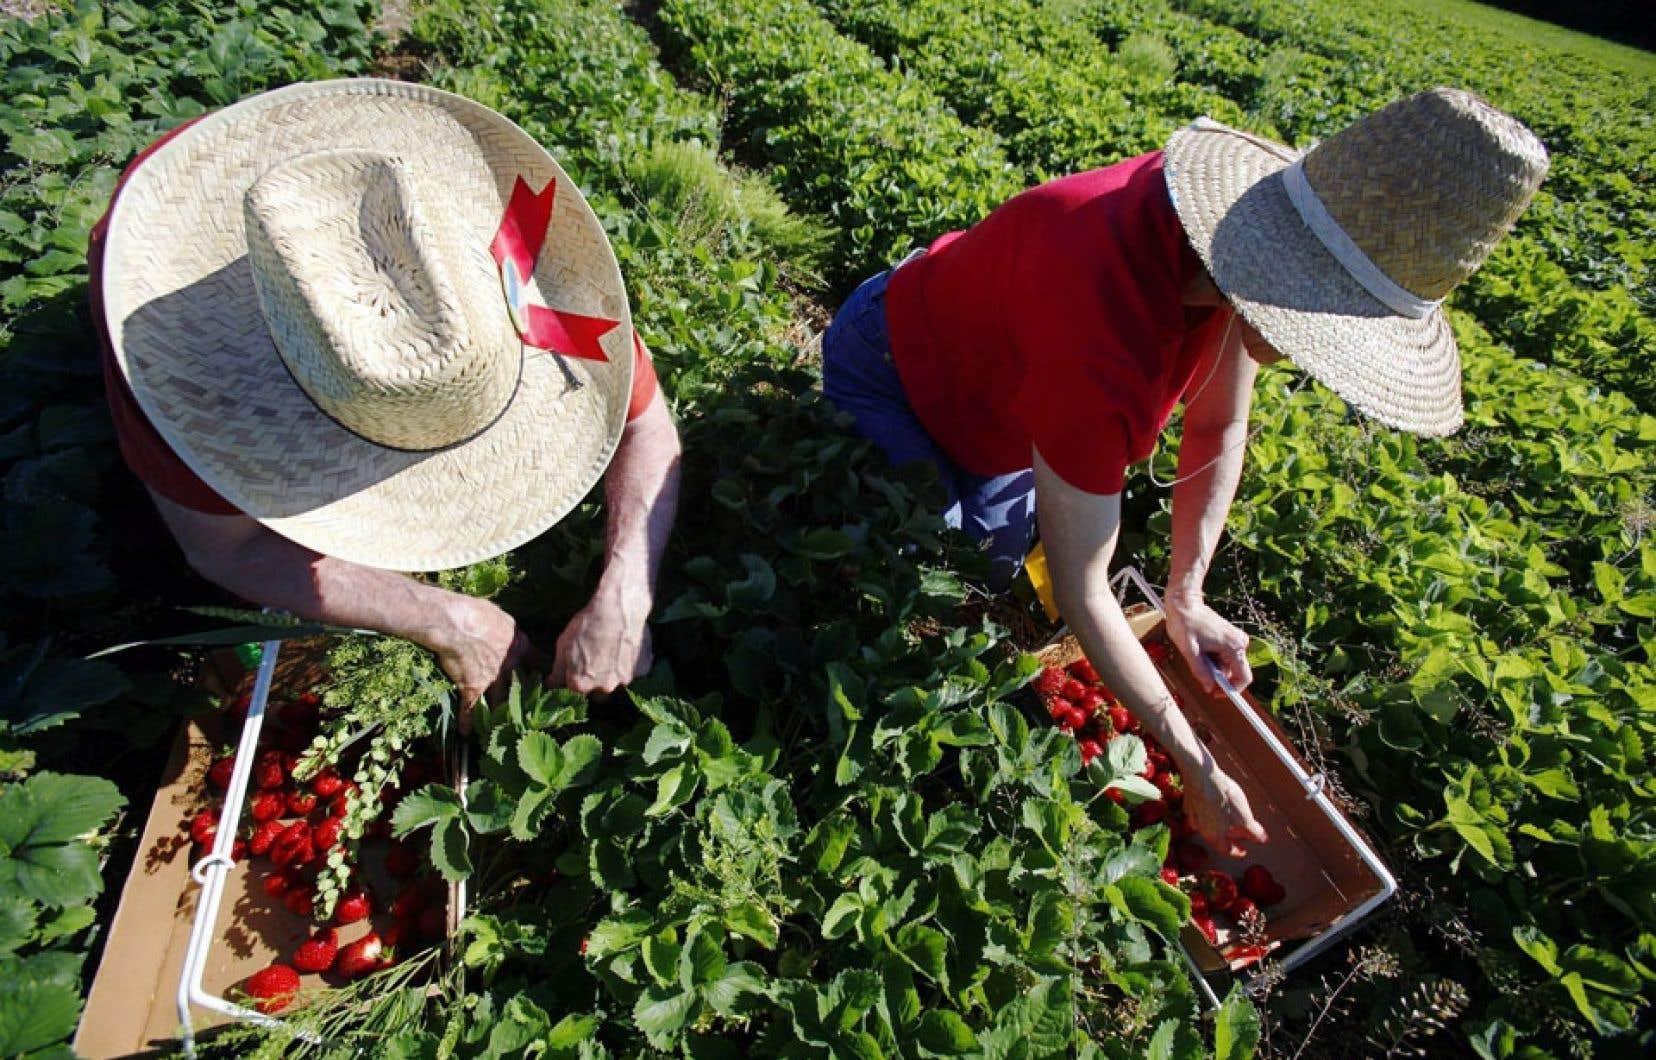 Les cueilleurs de petits fruits n'auront toujours pas droit au salaire minimum lors de la prochaine récolte.